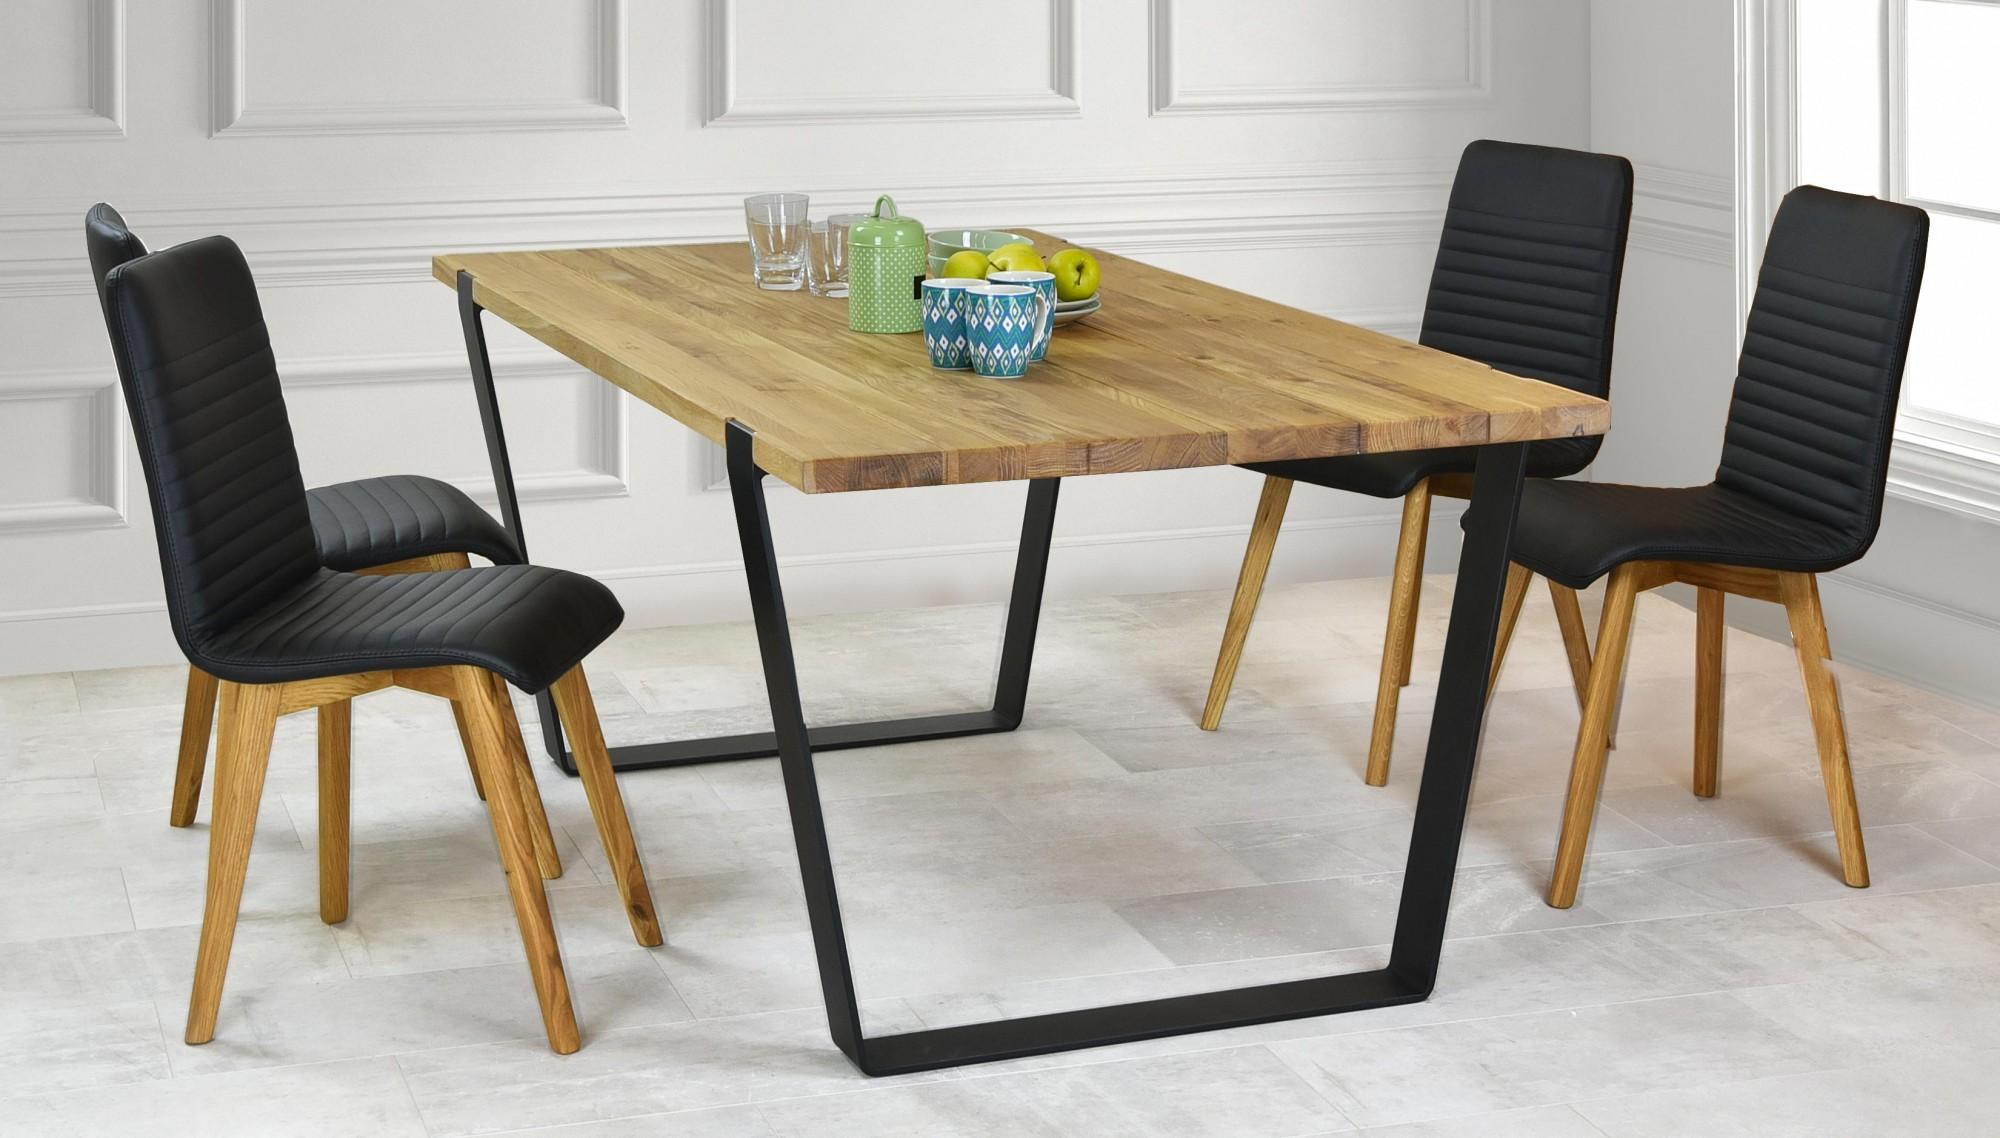 8870df47baec Jedálenský set pre 4-6 osôb (Dubový stôl 180 x 96 a 4 x kožená ...